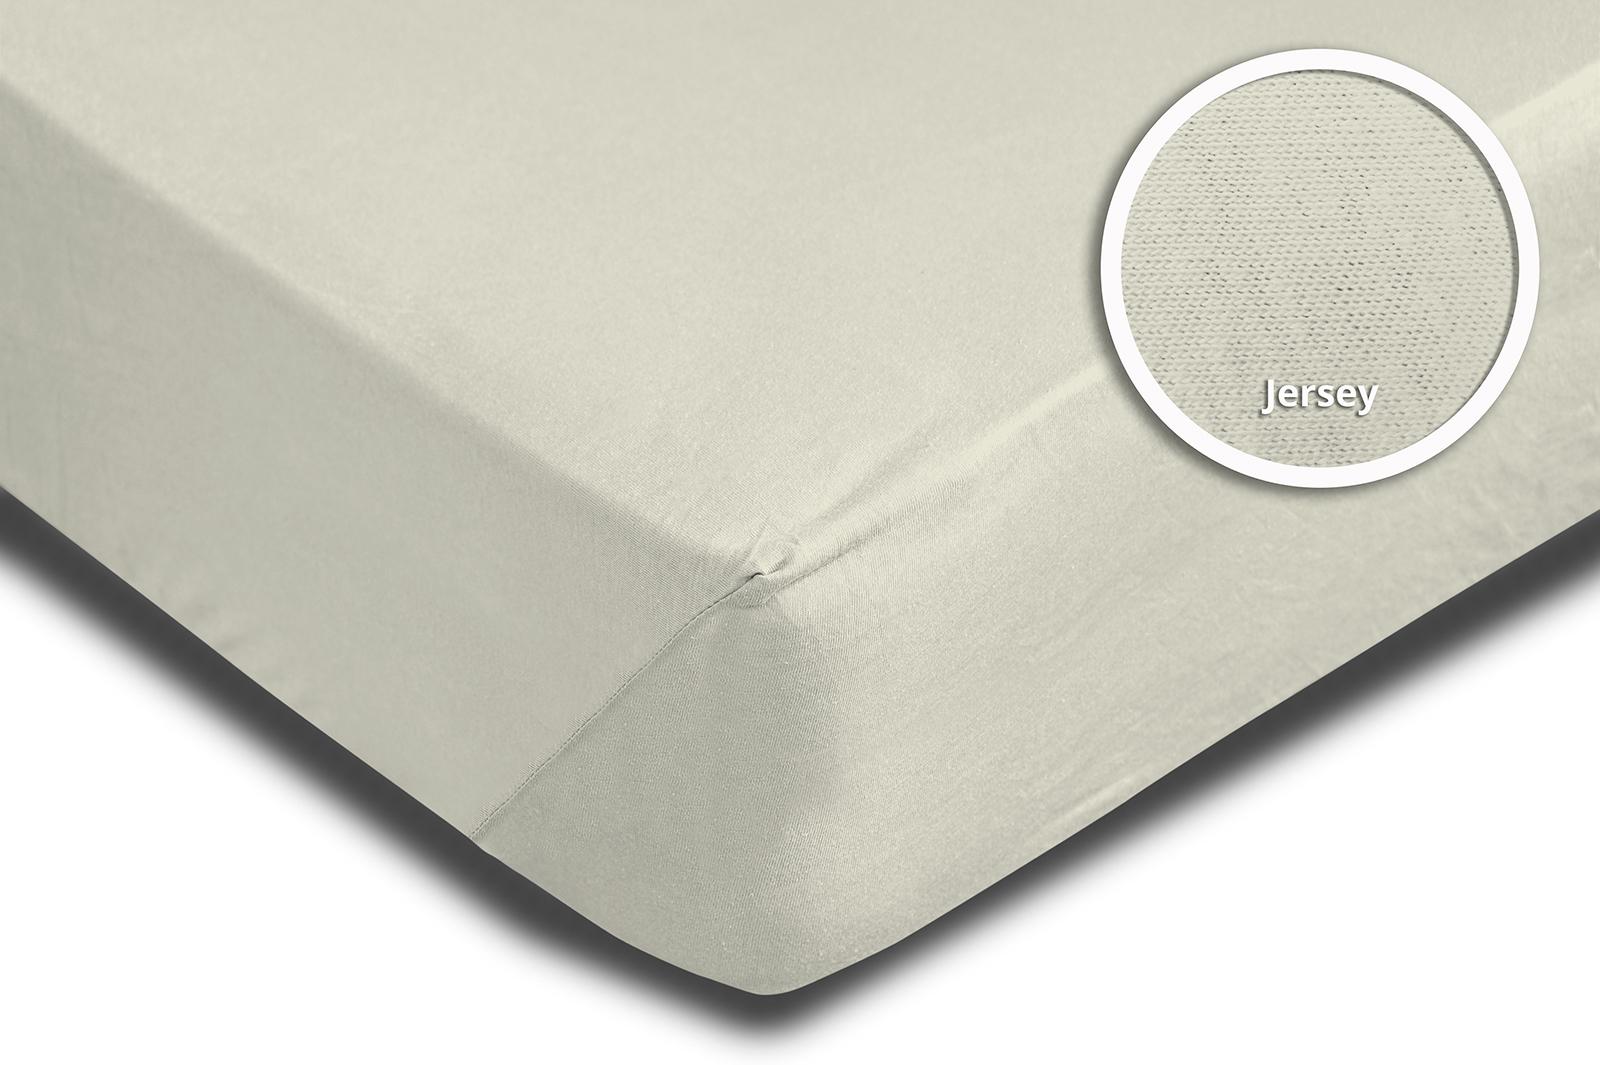 spannbettlaken spannbetttuch natur ecru 140x200 cm 160x200 cm jersey baumwolle spannbettlaken. Black Bedroom Furniture Sets. Home Design Ideas